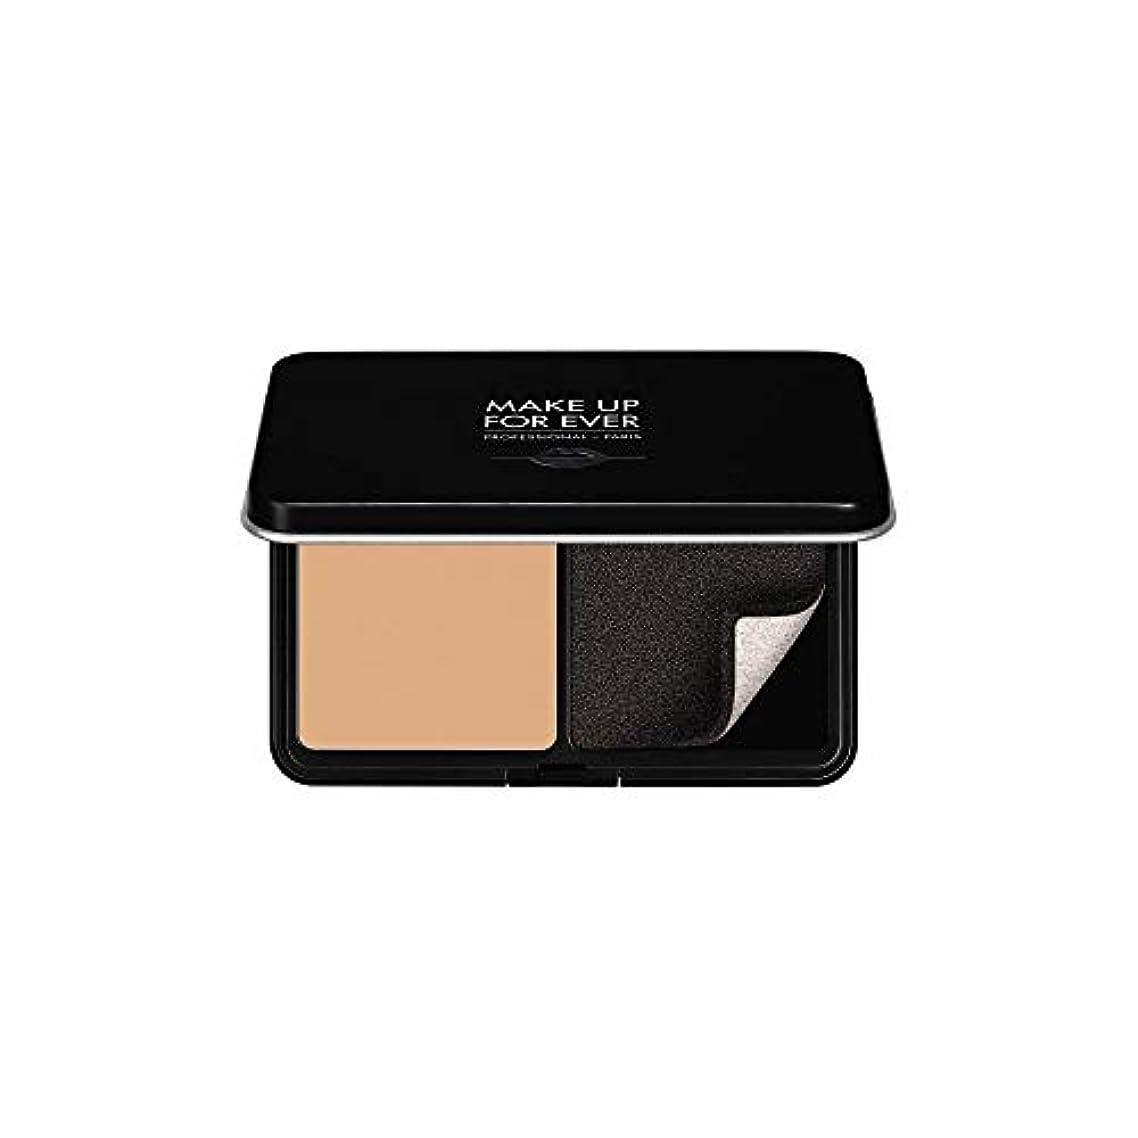 矛盾する即席請求メイクアップフォーエバー Matte Velvet Skin Blurring Powder Foundation - # R260 (Pink Beige) 11g/0.38oz並行輸入品